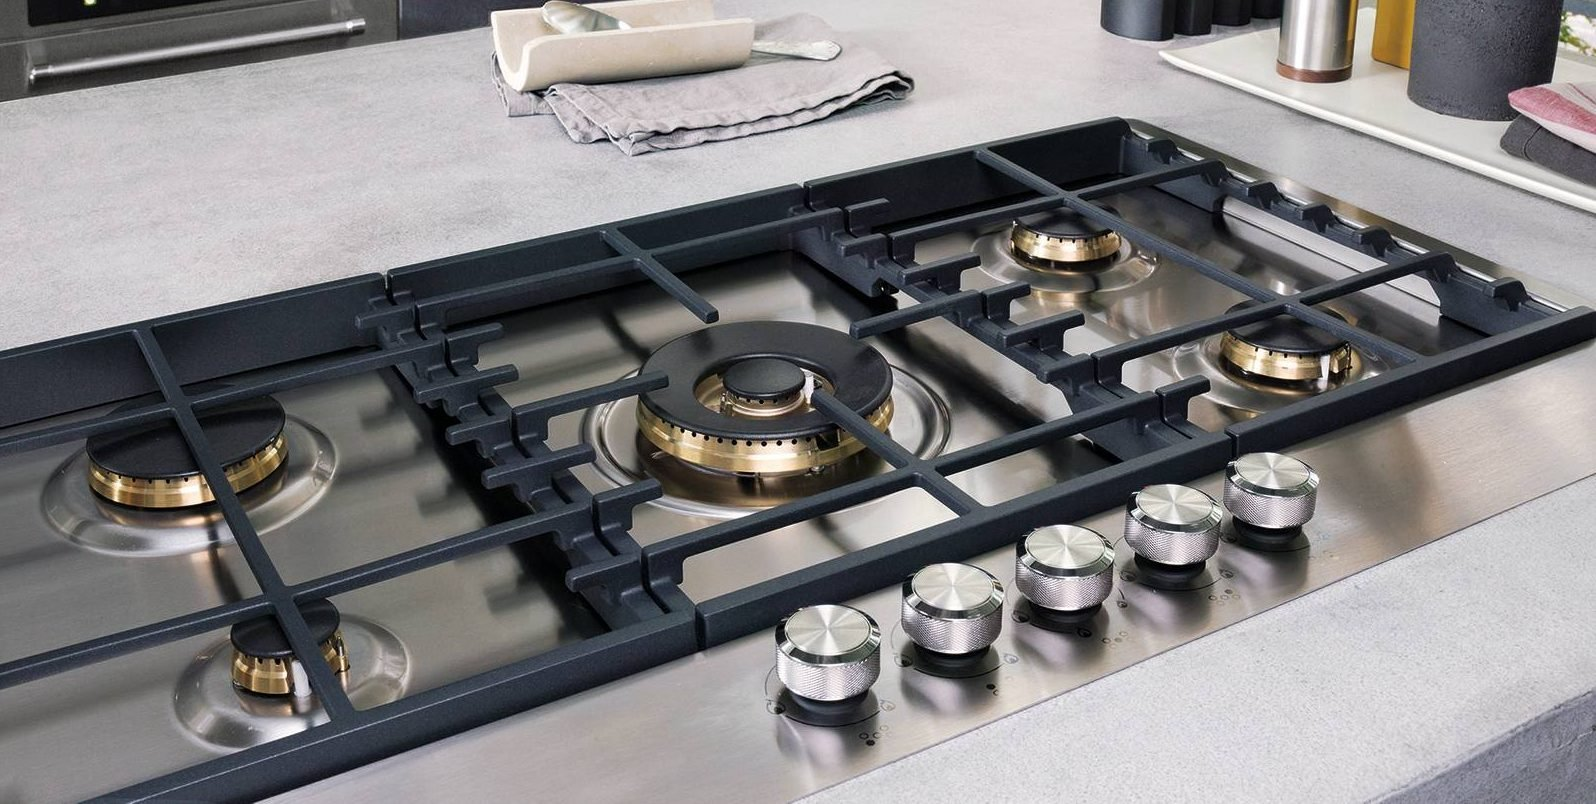 Piano cottura a induzione a gas o elettrico cose di casa - Cucine a induzione consumi ...